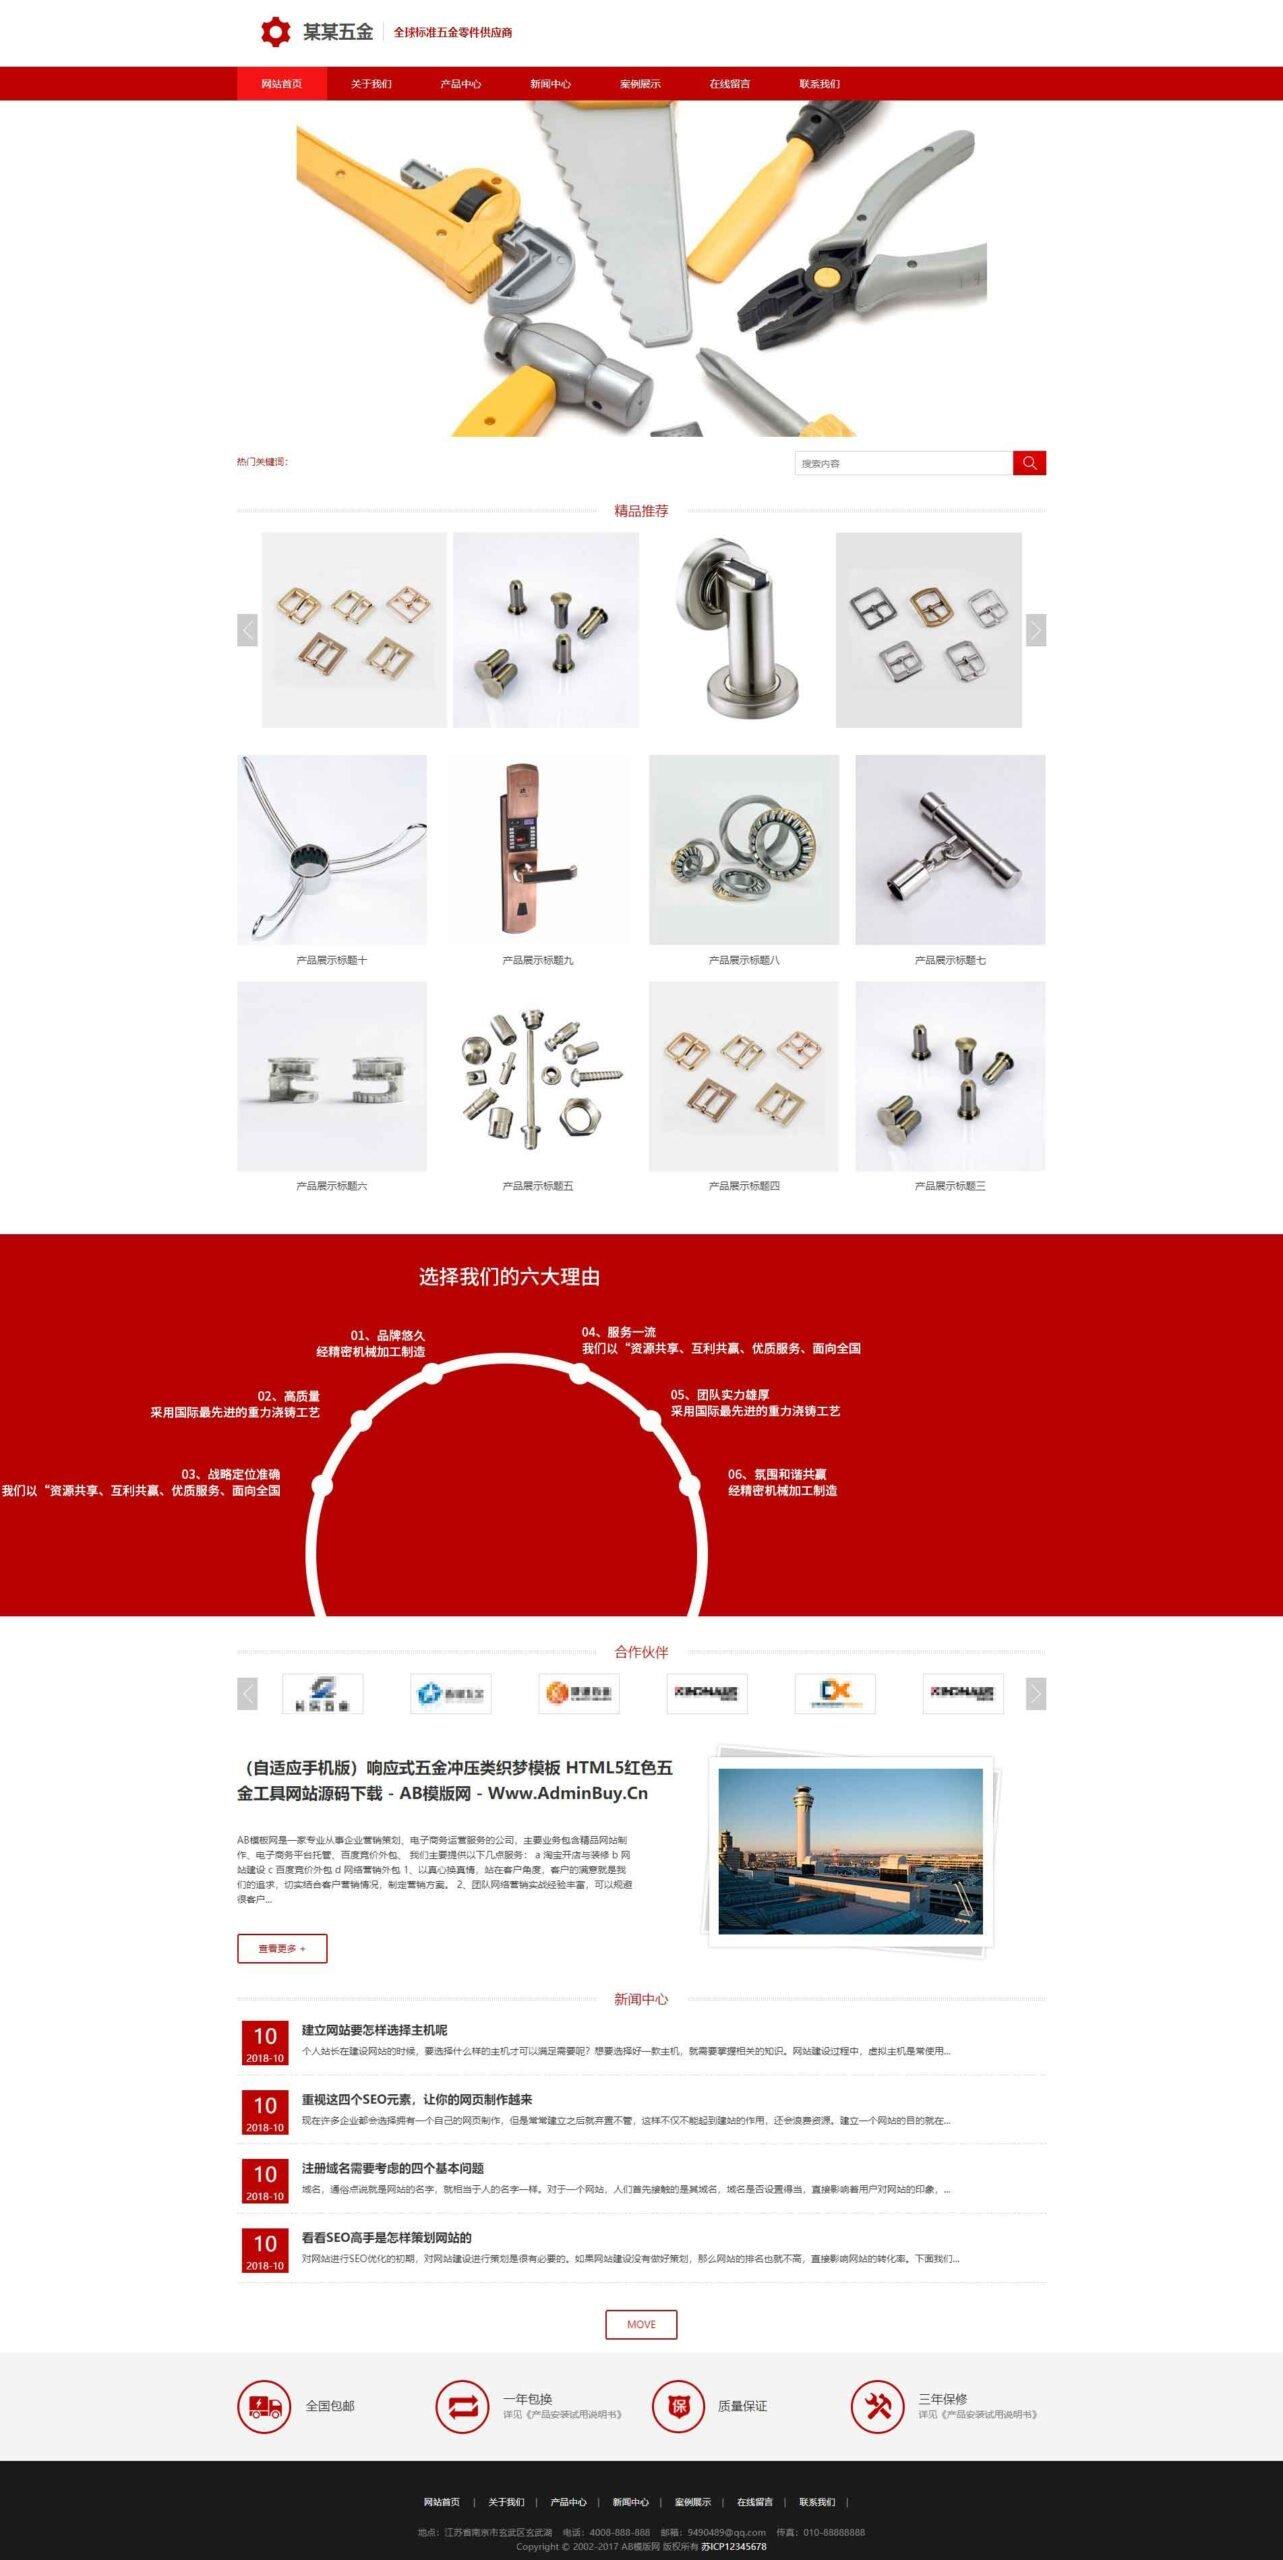 五金冲压工具企业网站织梦dede模板源码[自适应手机版]插图